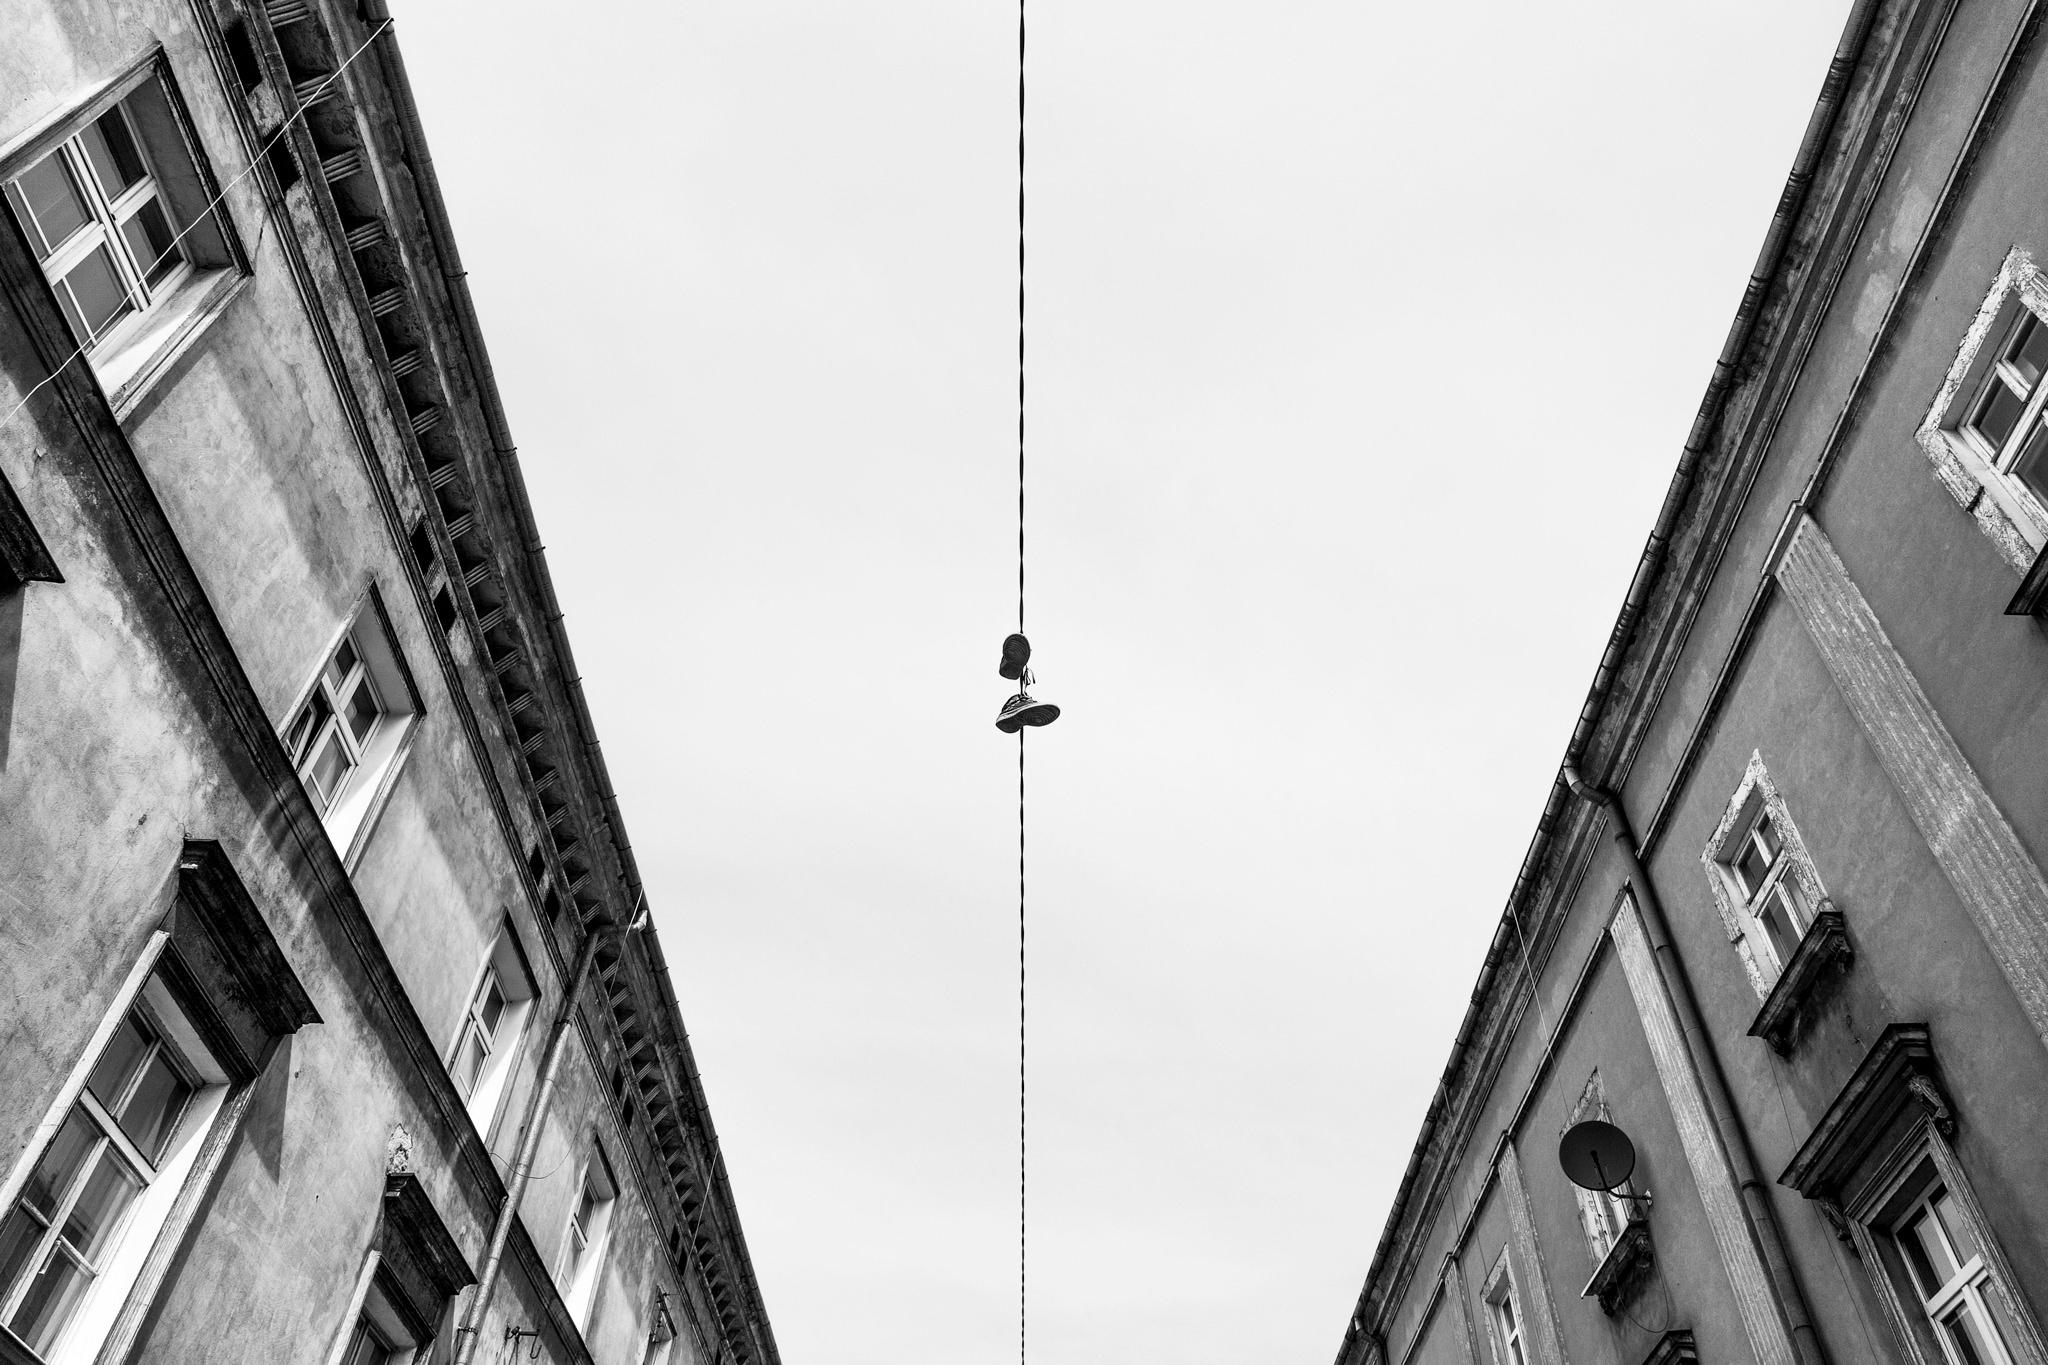 fot. Ruslan Mashkov